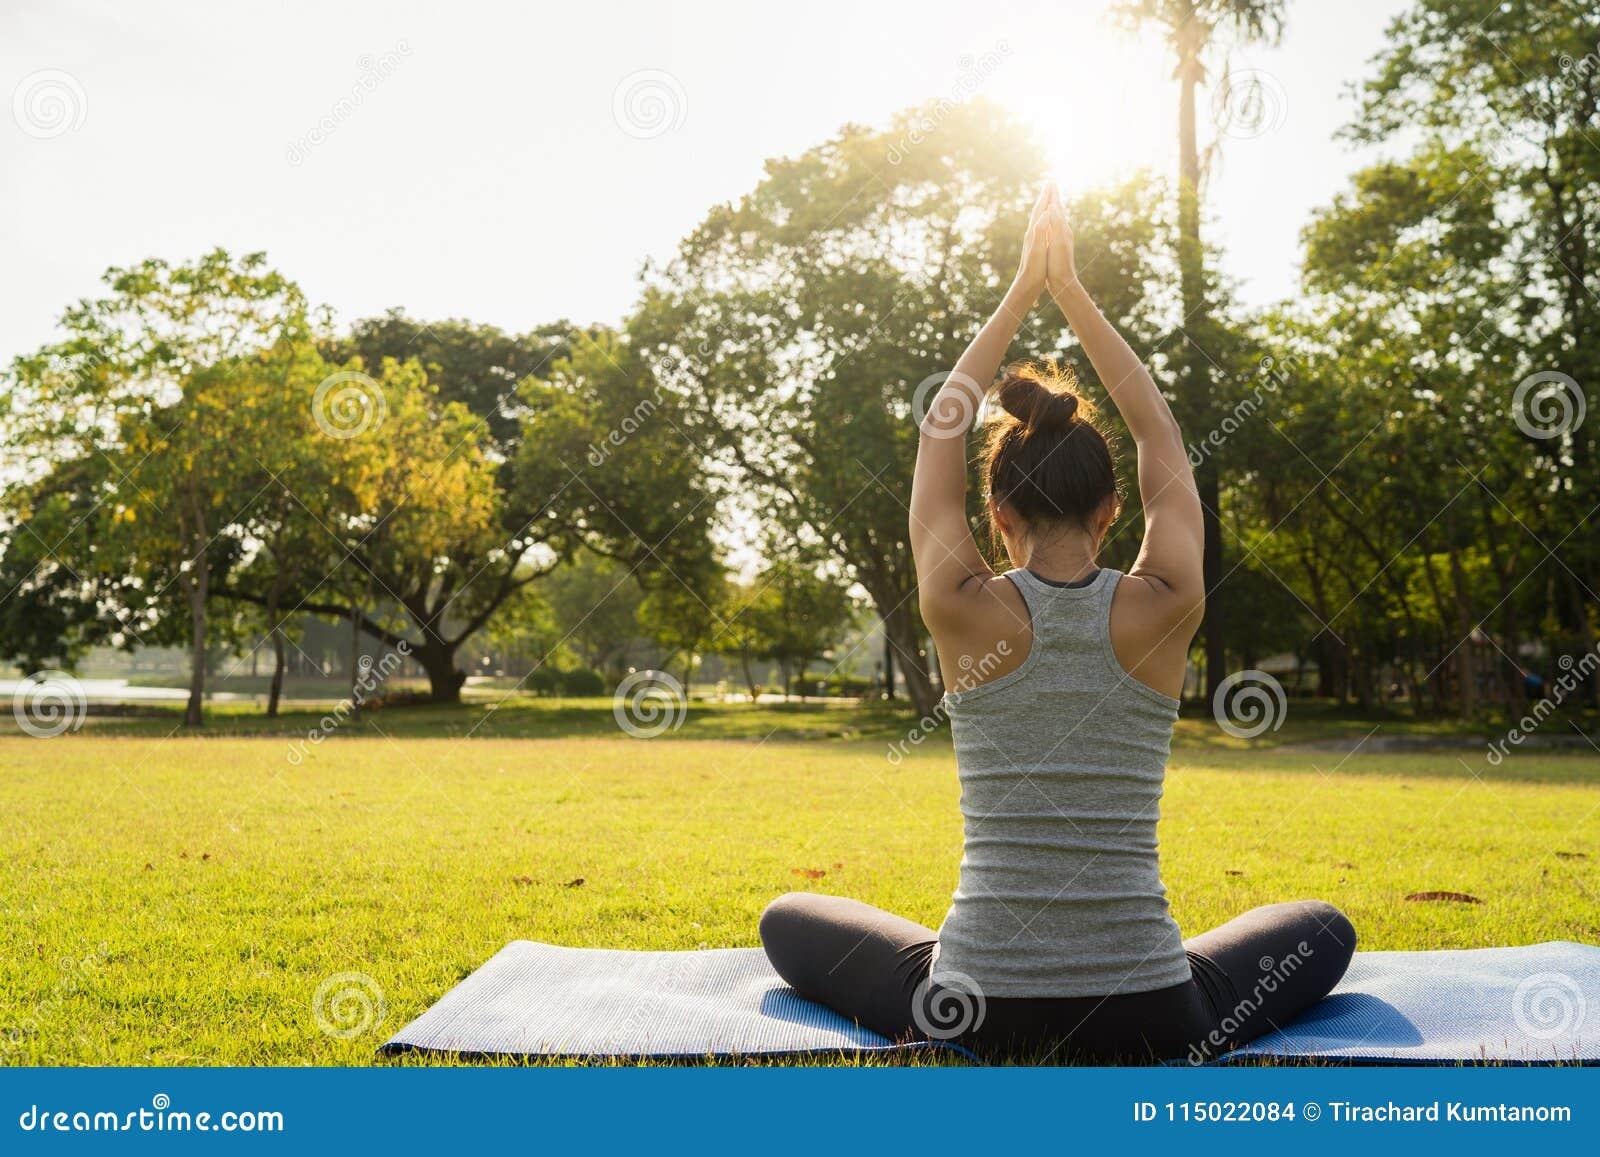 Junges asiatisches Frauenyoga draußen hält Ruhe und meditiert beim Üben von Yoga, um den inneren Frieden zu erforschen